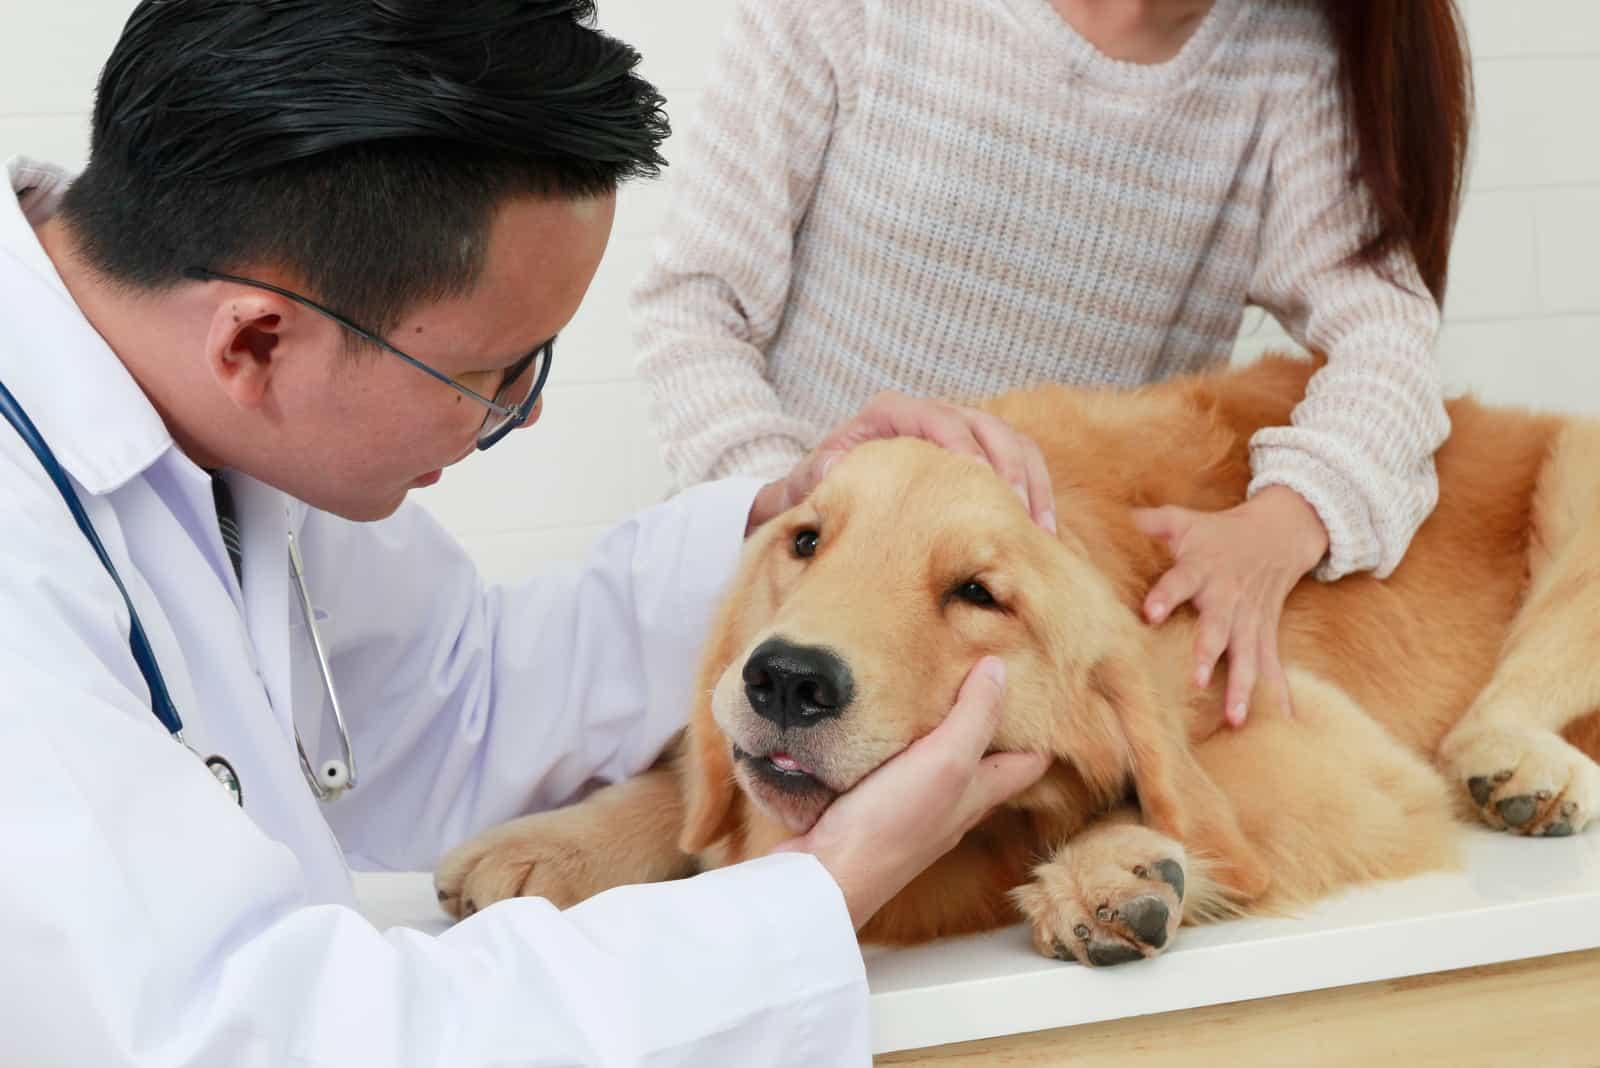 Der Besitzer hält den Hund, während der Tierarzt ihn untersucht